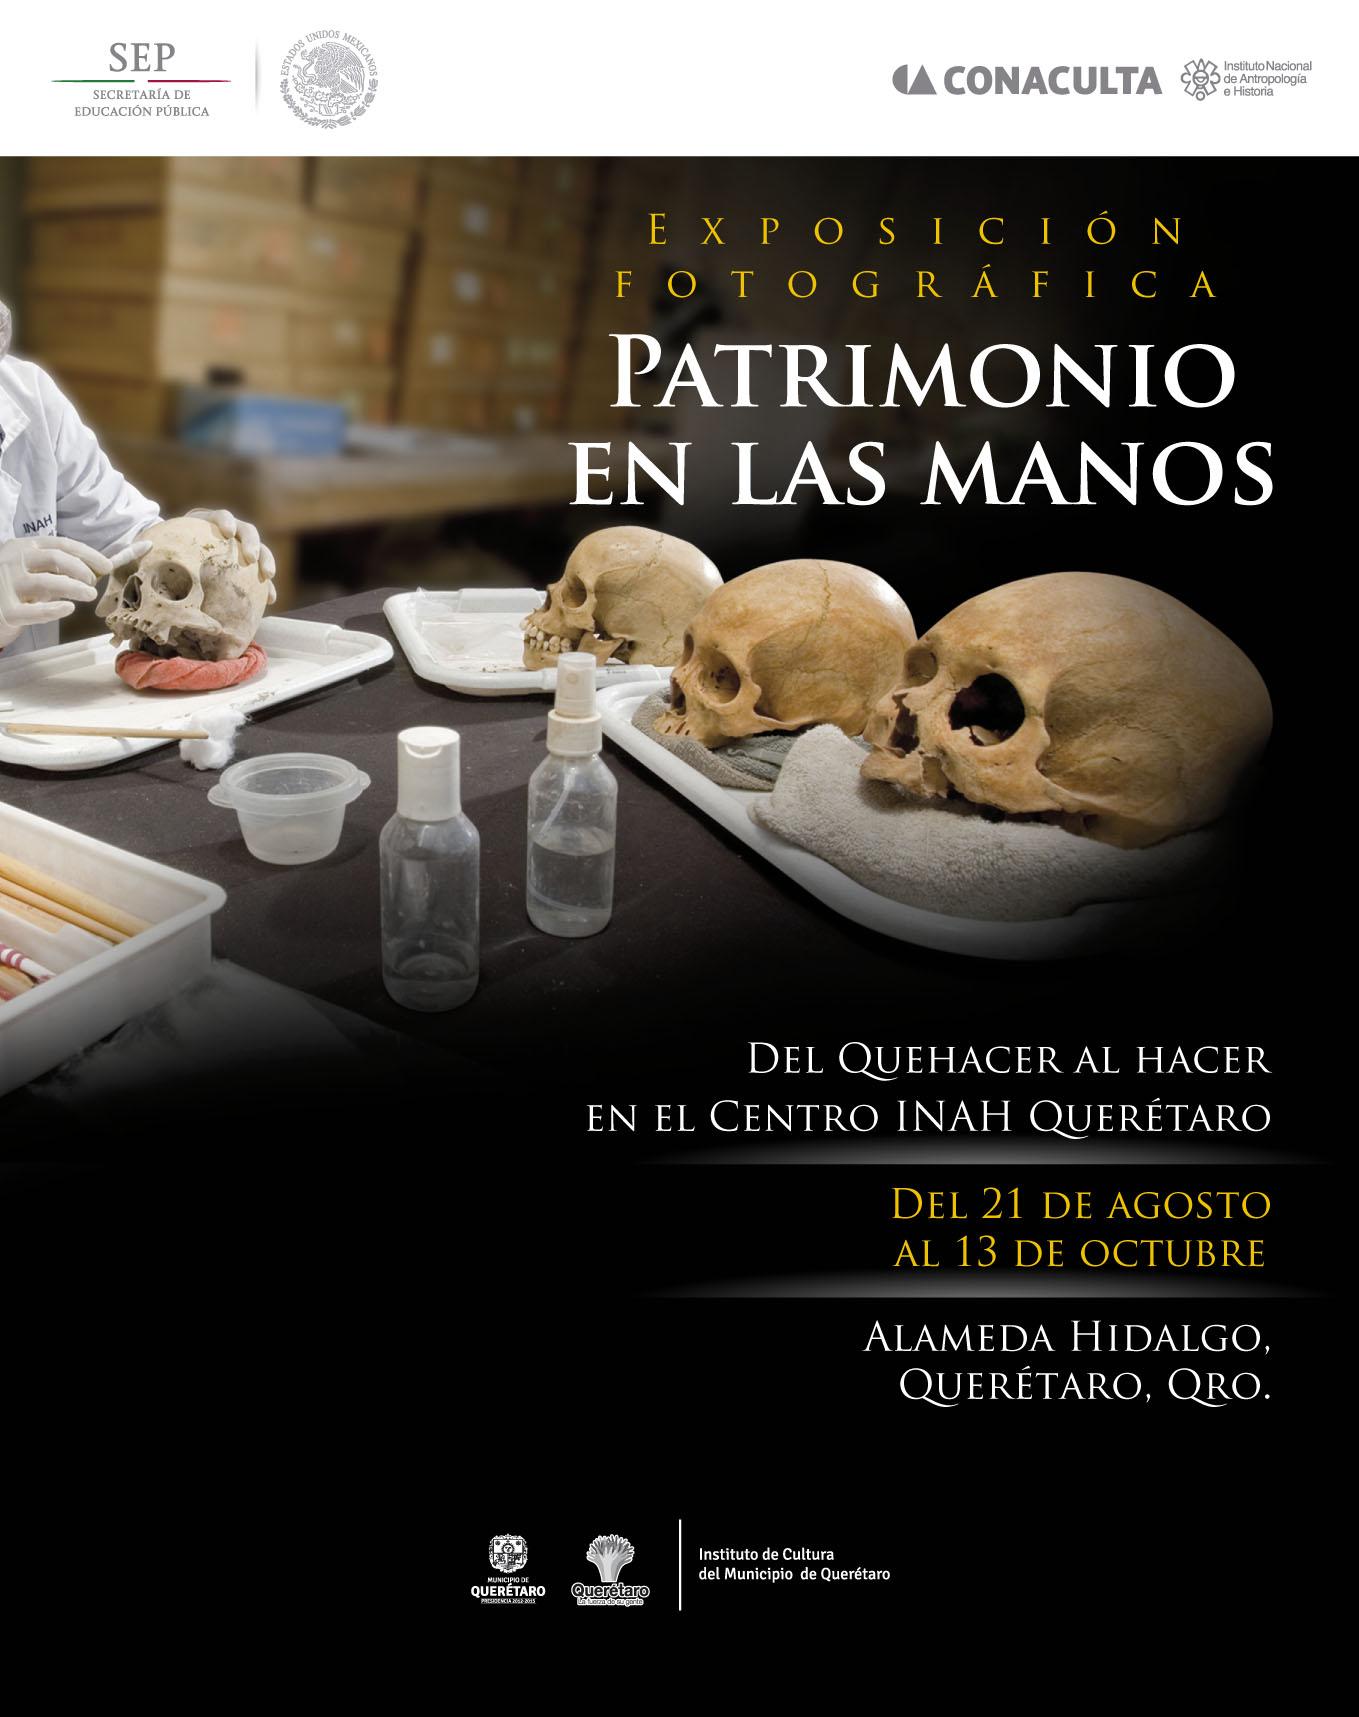 Exposición Fotográfica – Patrimonio en las Manos. Del 21 de Agosto al 13 de Octubre.